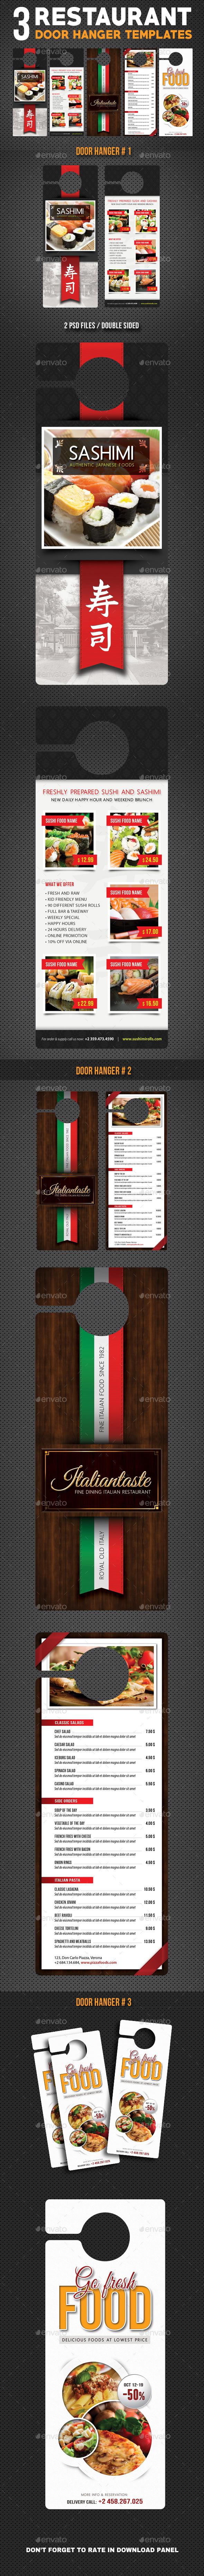 3 Restaurant Food Menu Door Hanger Bundle - Miscellaneous Print Templates